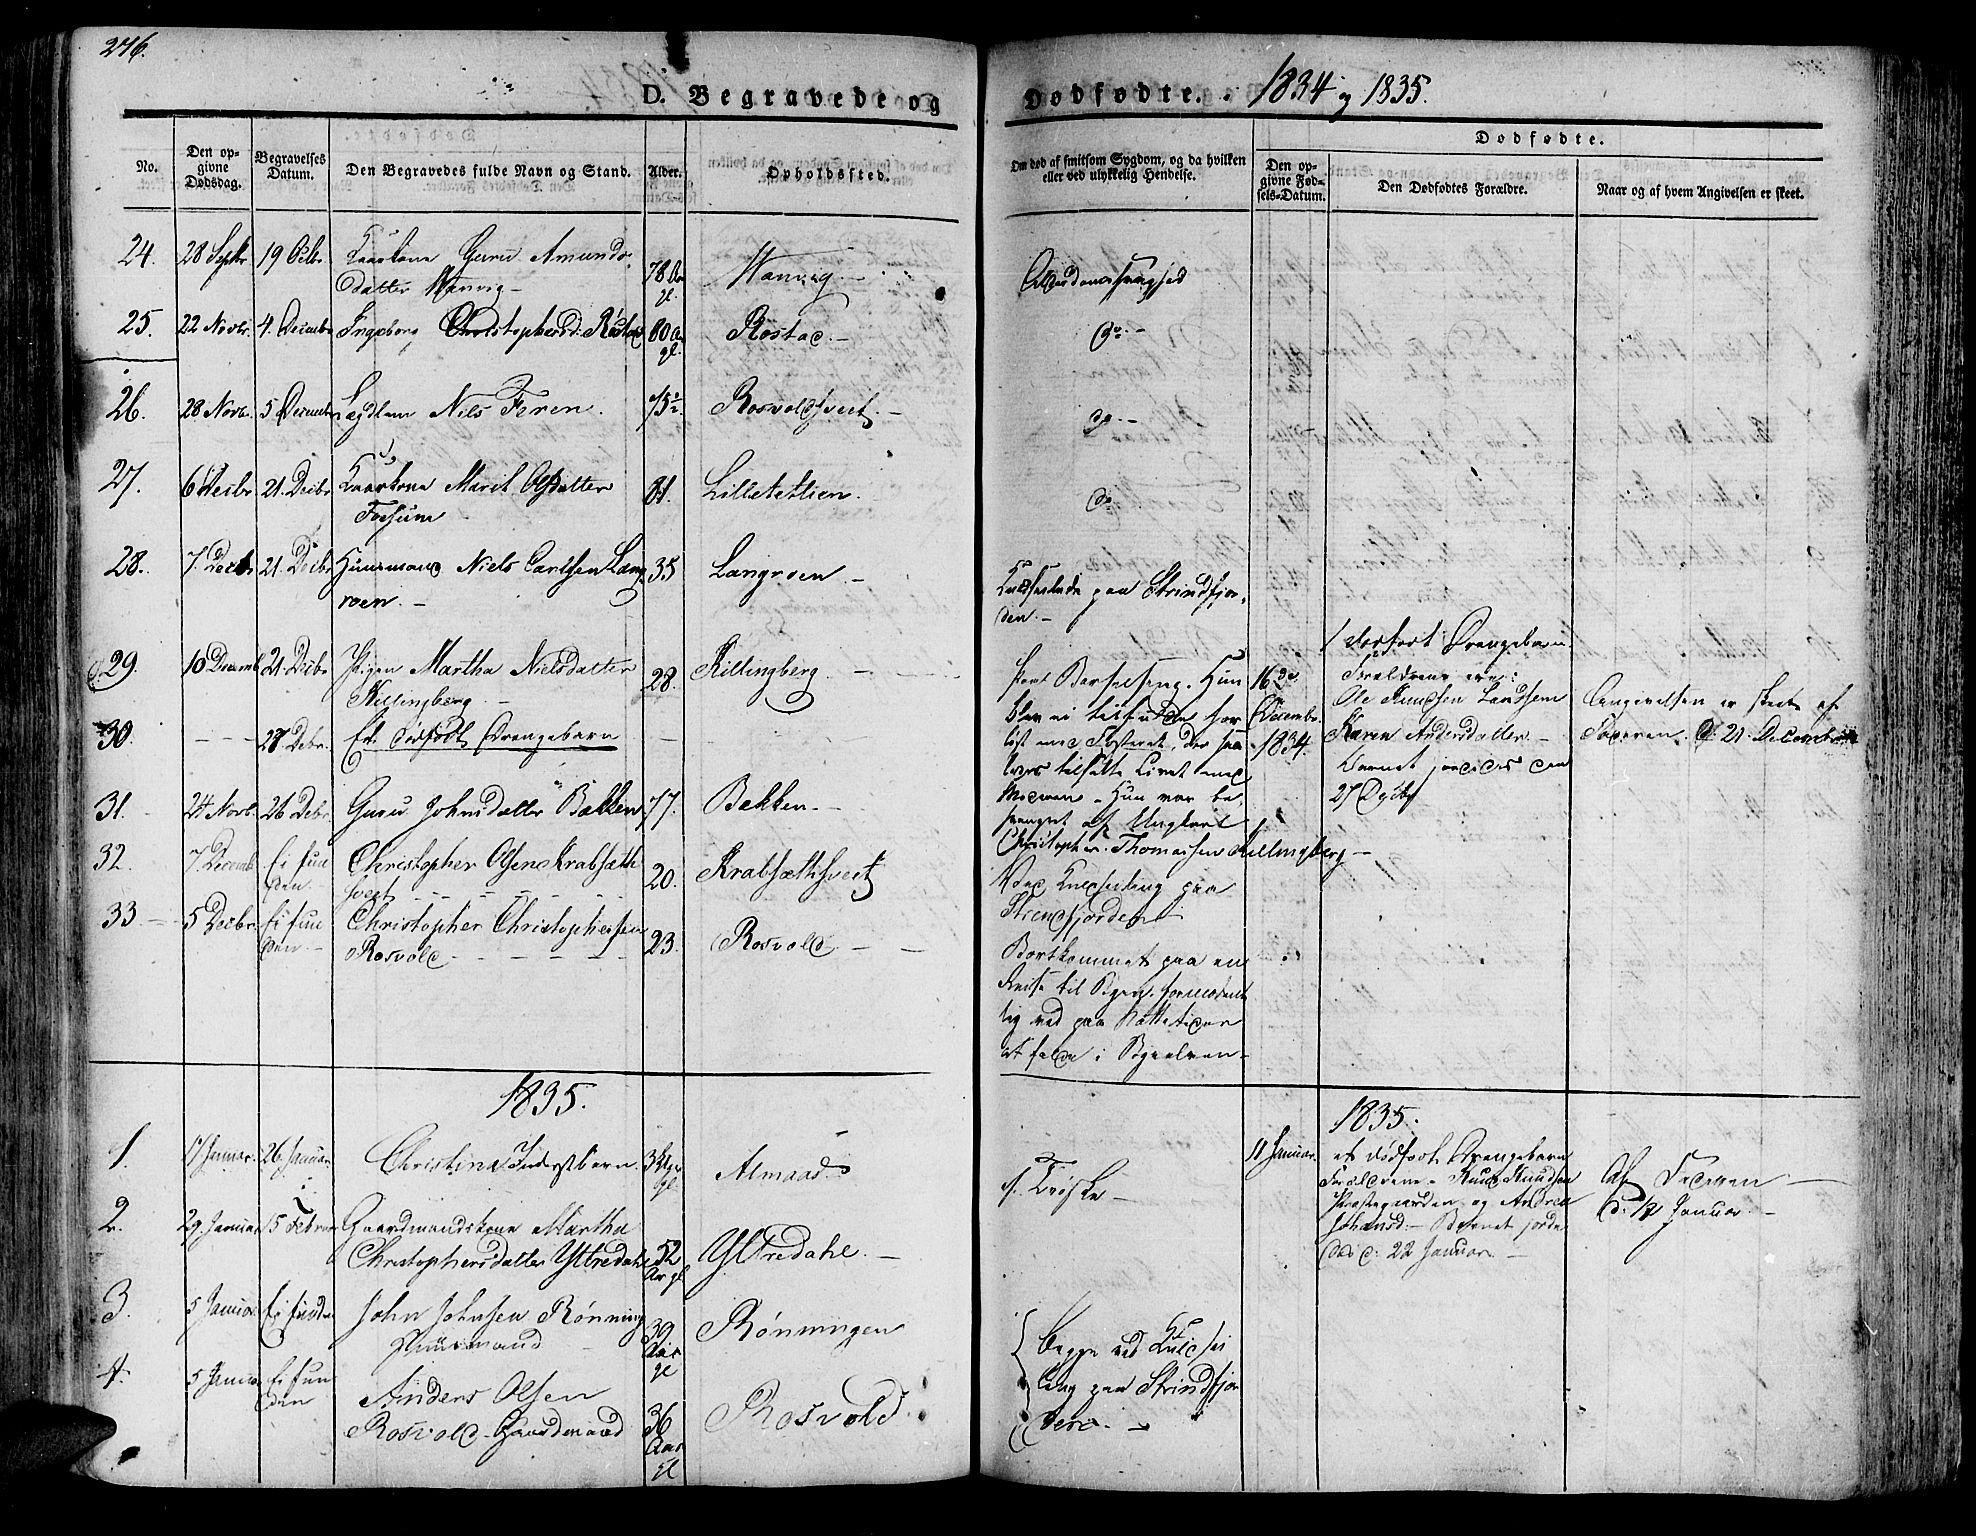 SAT, Ministerialprotokoller, klokkerbøker og fødselsregistre - Nord-Trøndelag, 701/L0006: Ministerialbok nr. 701A06, 1825-1841, s. 277